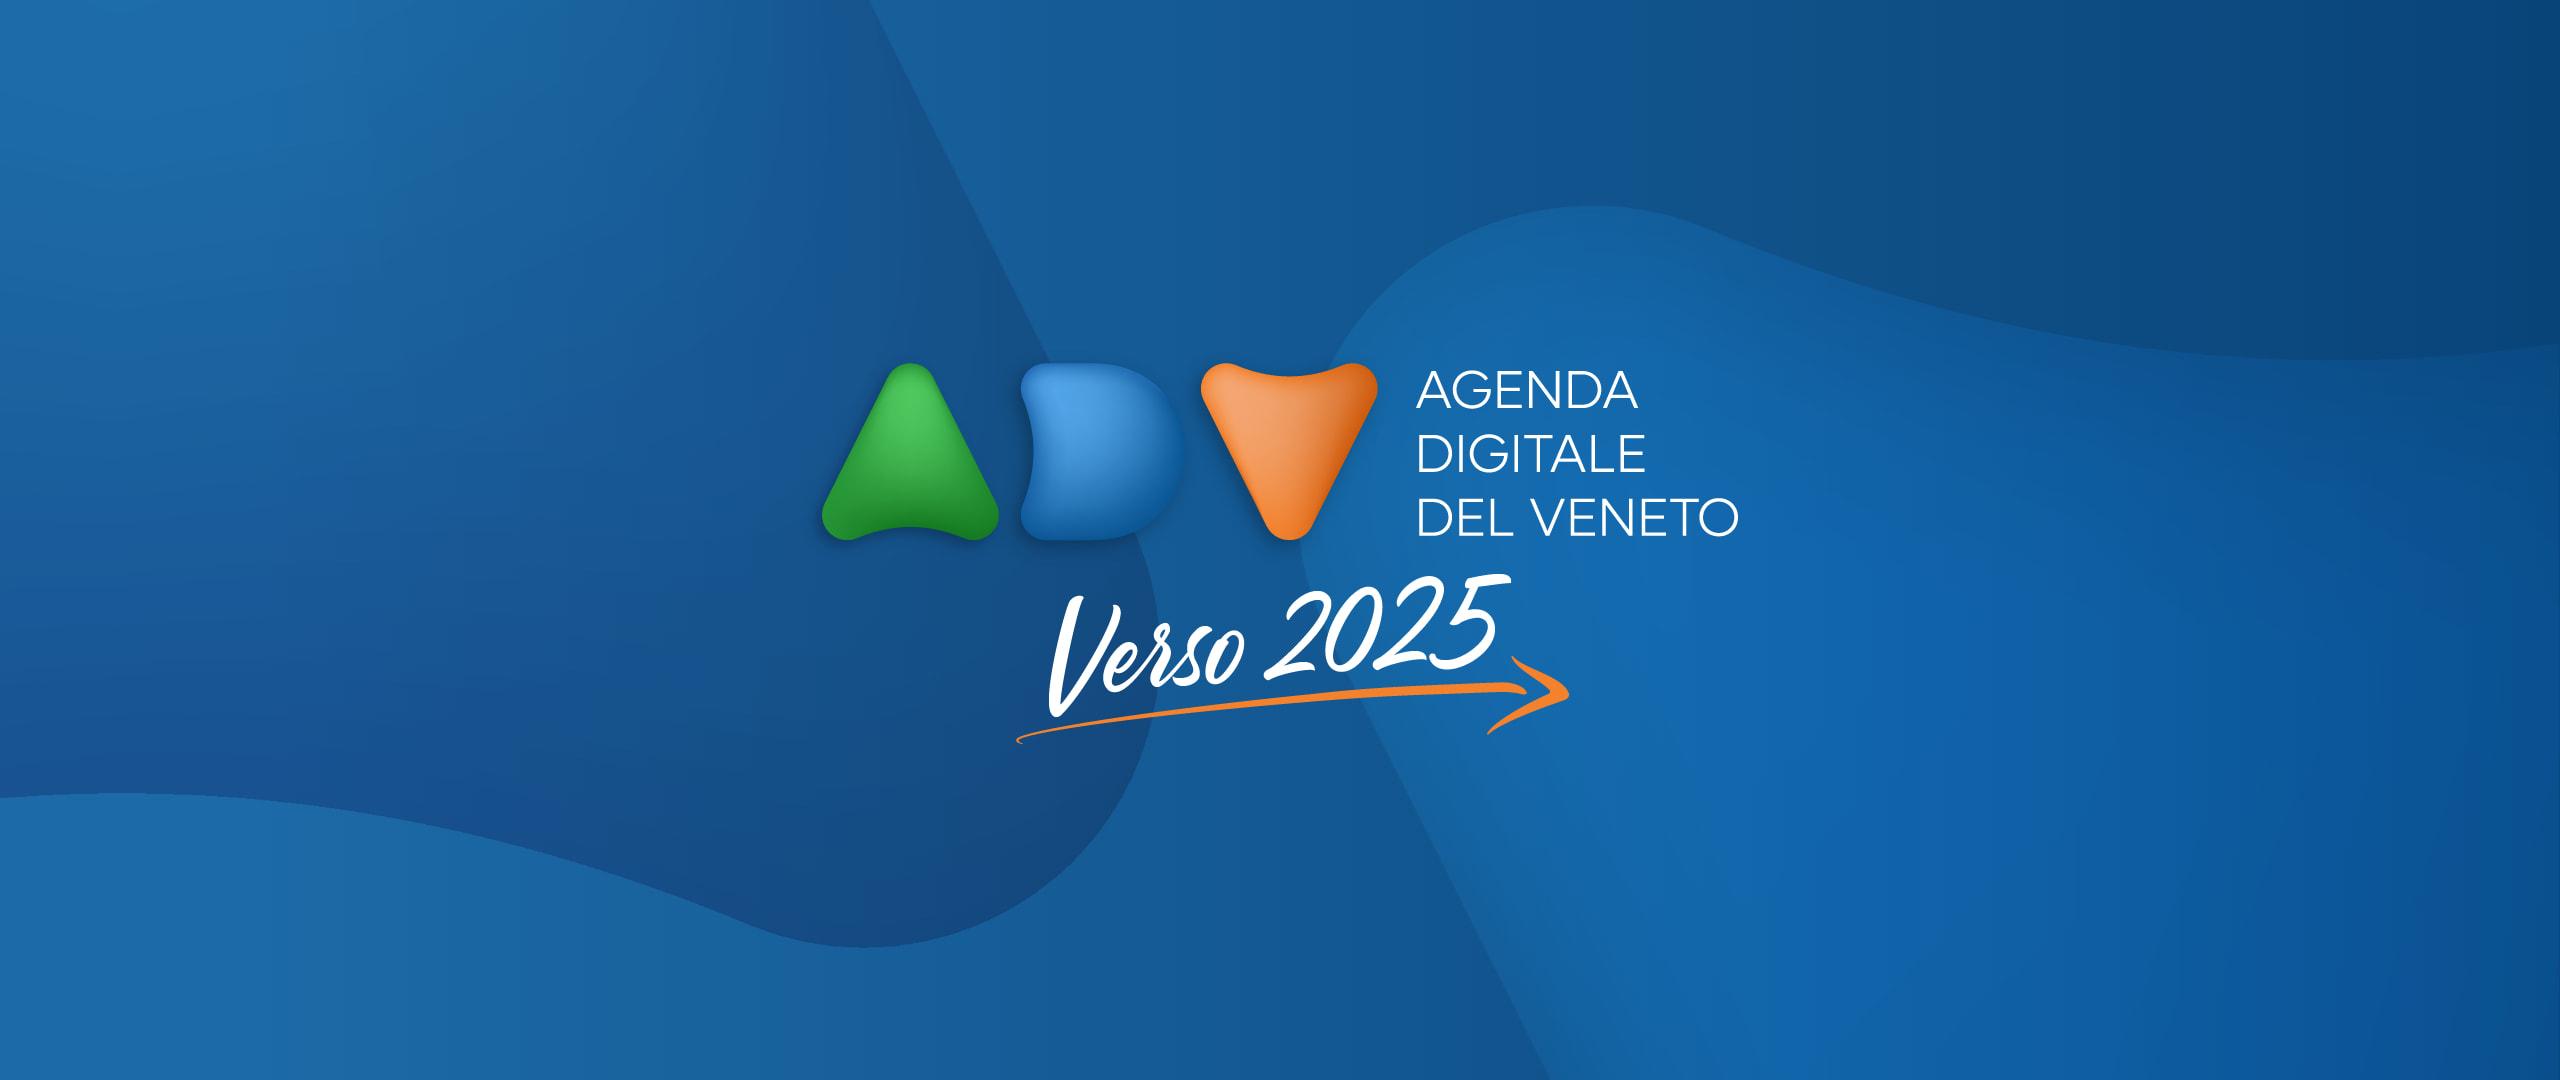 """Agenda Digitale del Veneto verso 2025 - Immagine relativa a """"Agenda Digitale"""""""